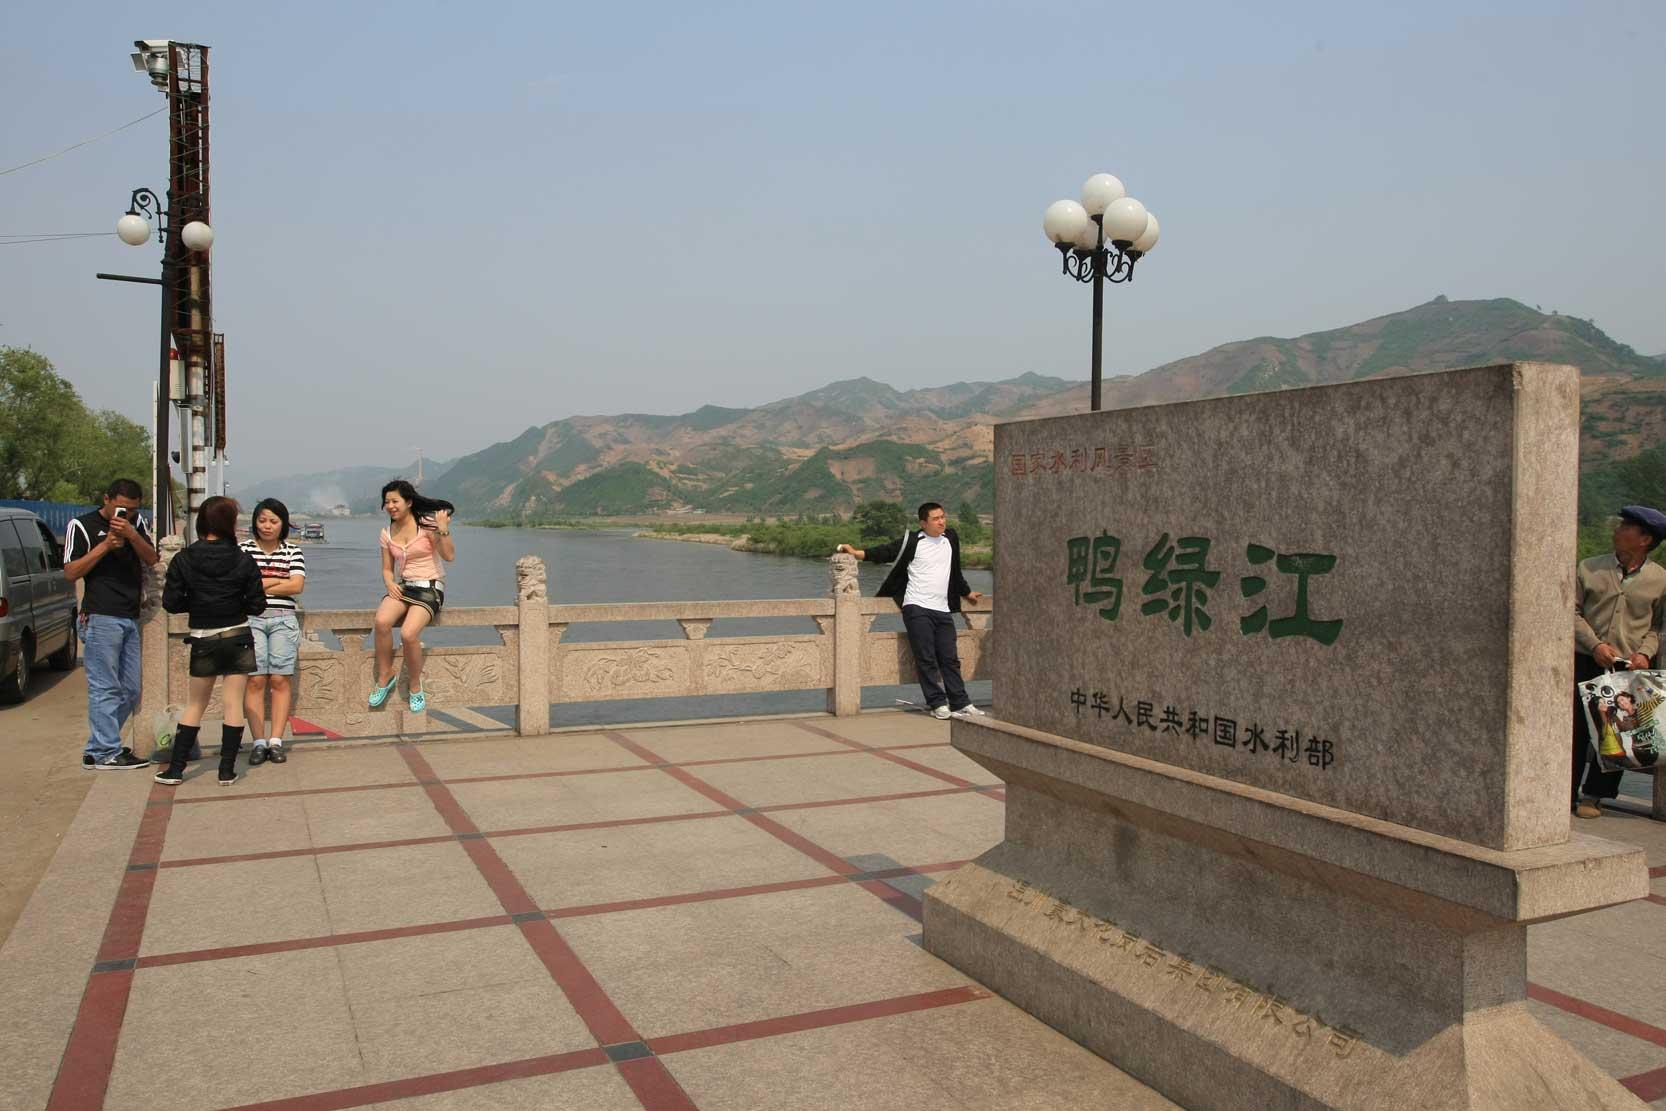 世界遺産のまち、集安~のどかな鴨緑江沿いの風景_b0235153_13254364.jpg